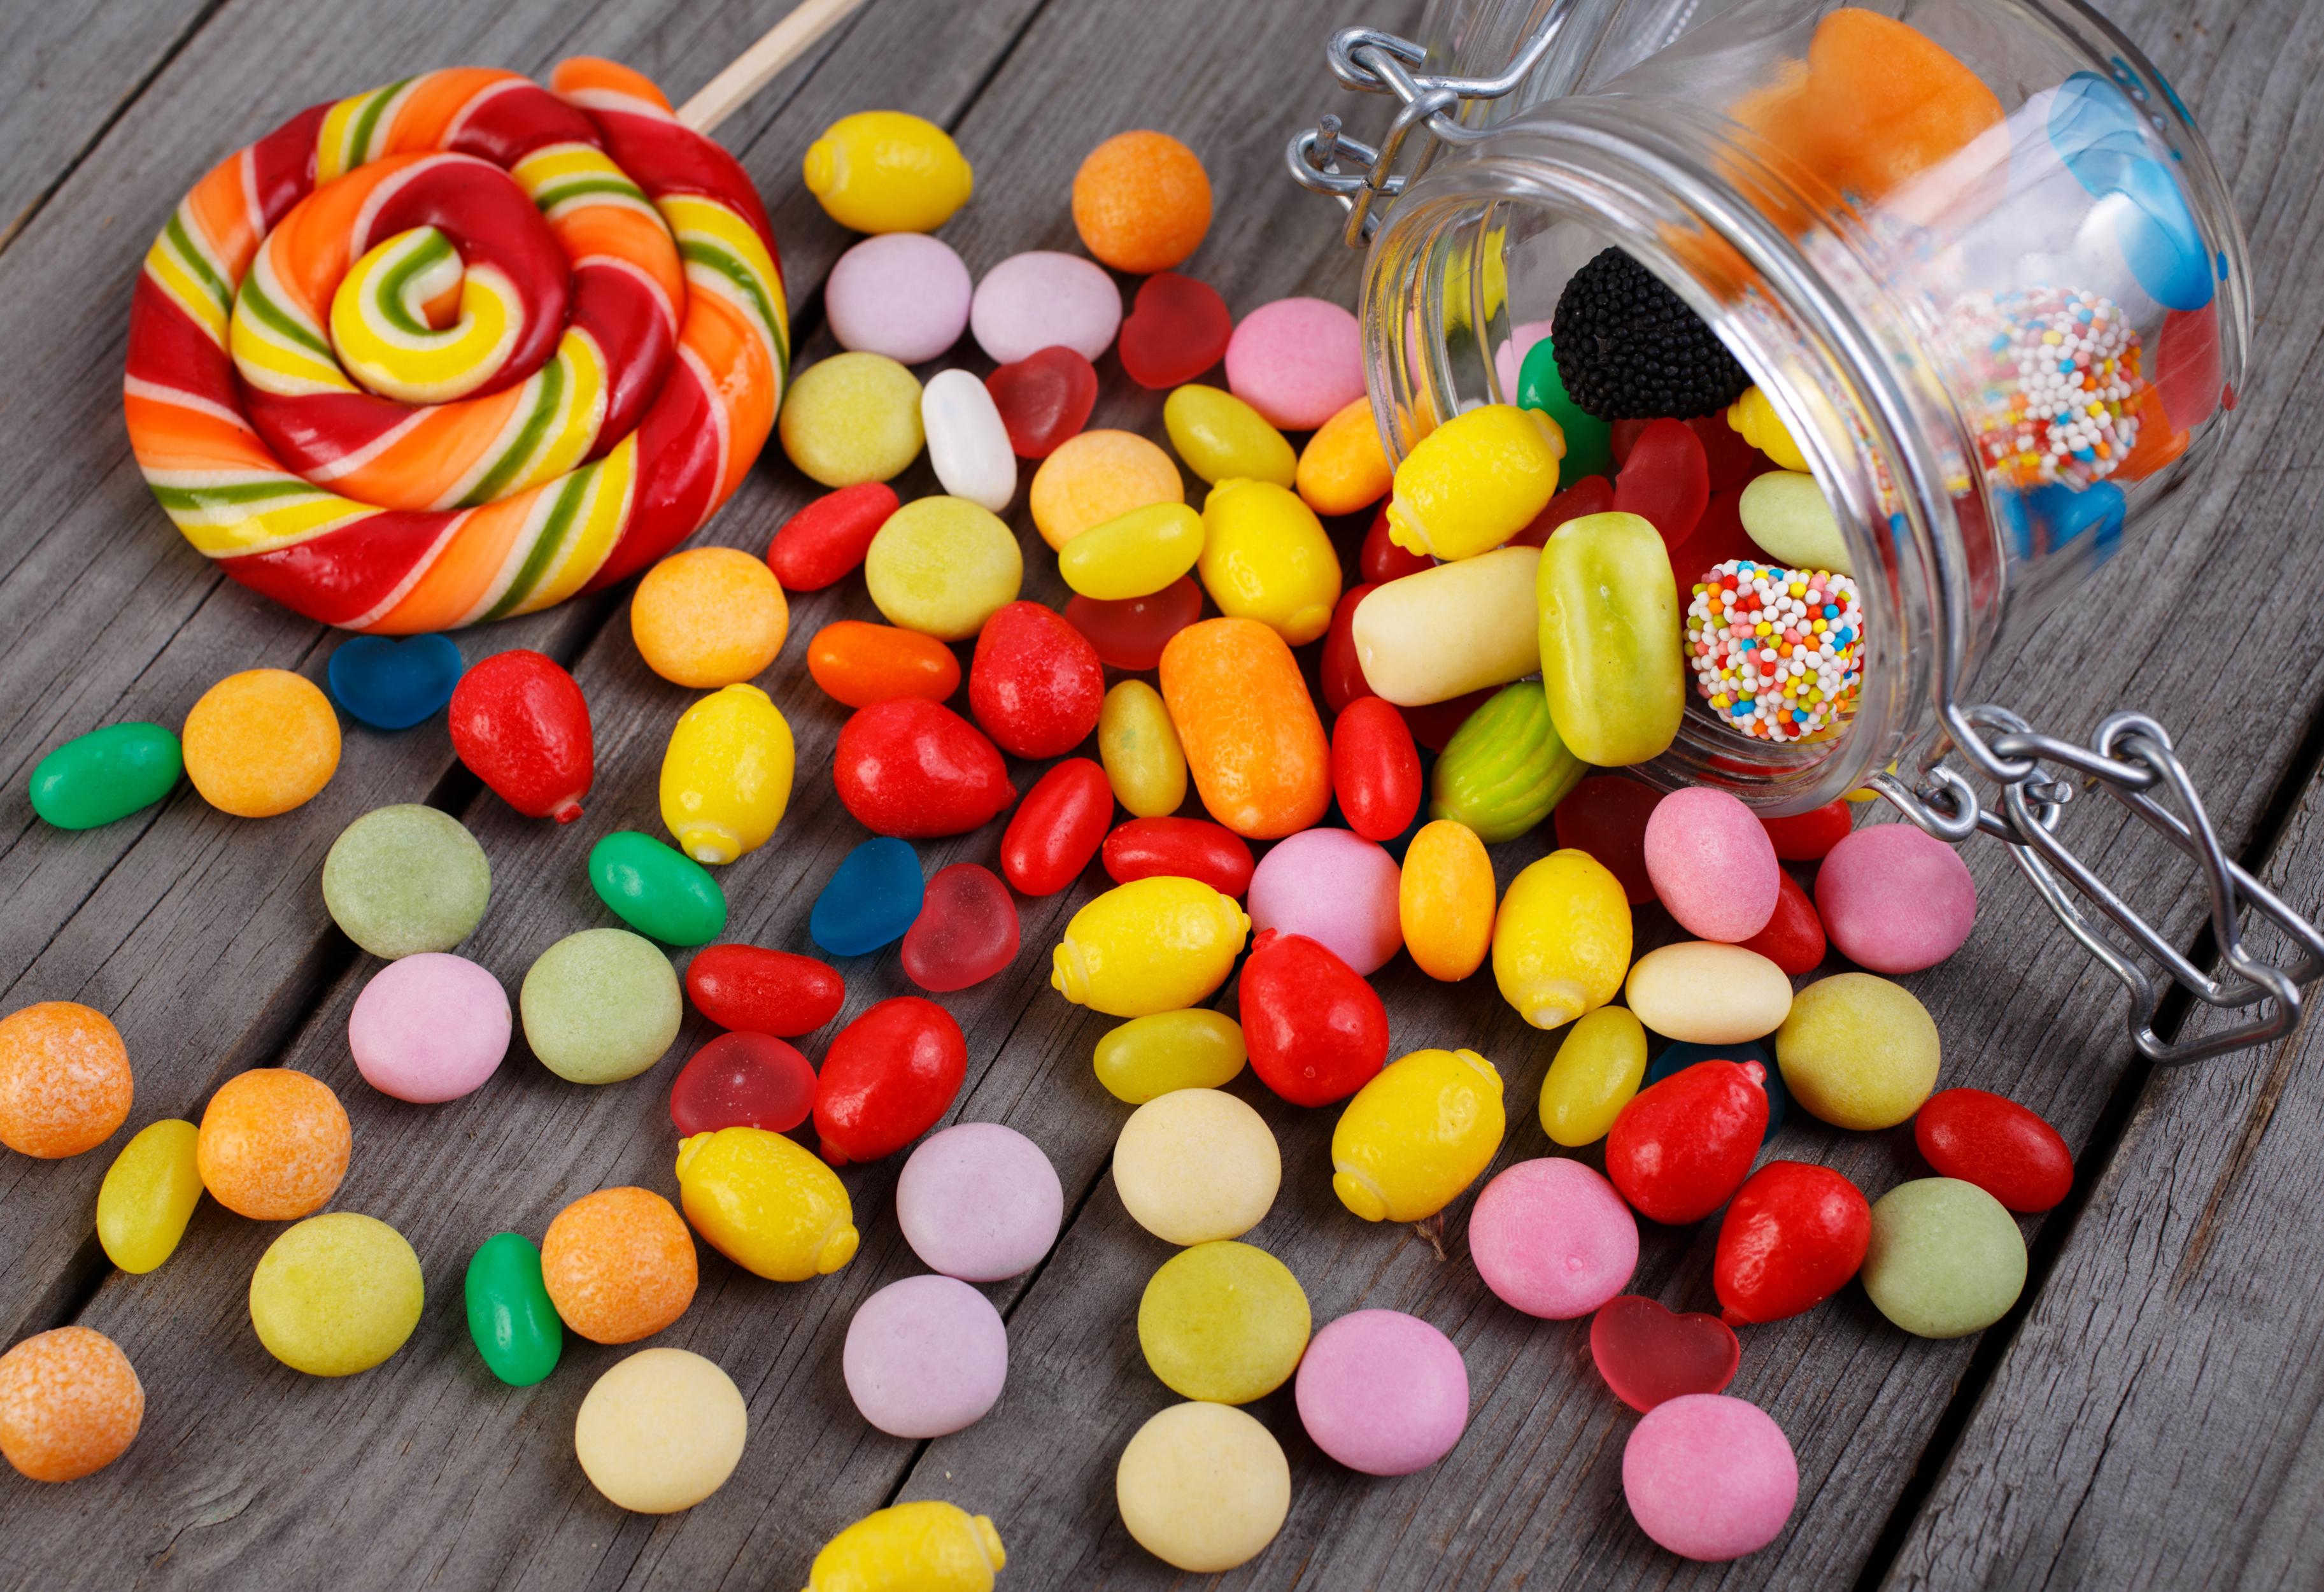 Картинка Еда Леденцы Конфеты Доски банки Сладости Драже Пища Продукты питания Банка банке сладкая еда